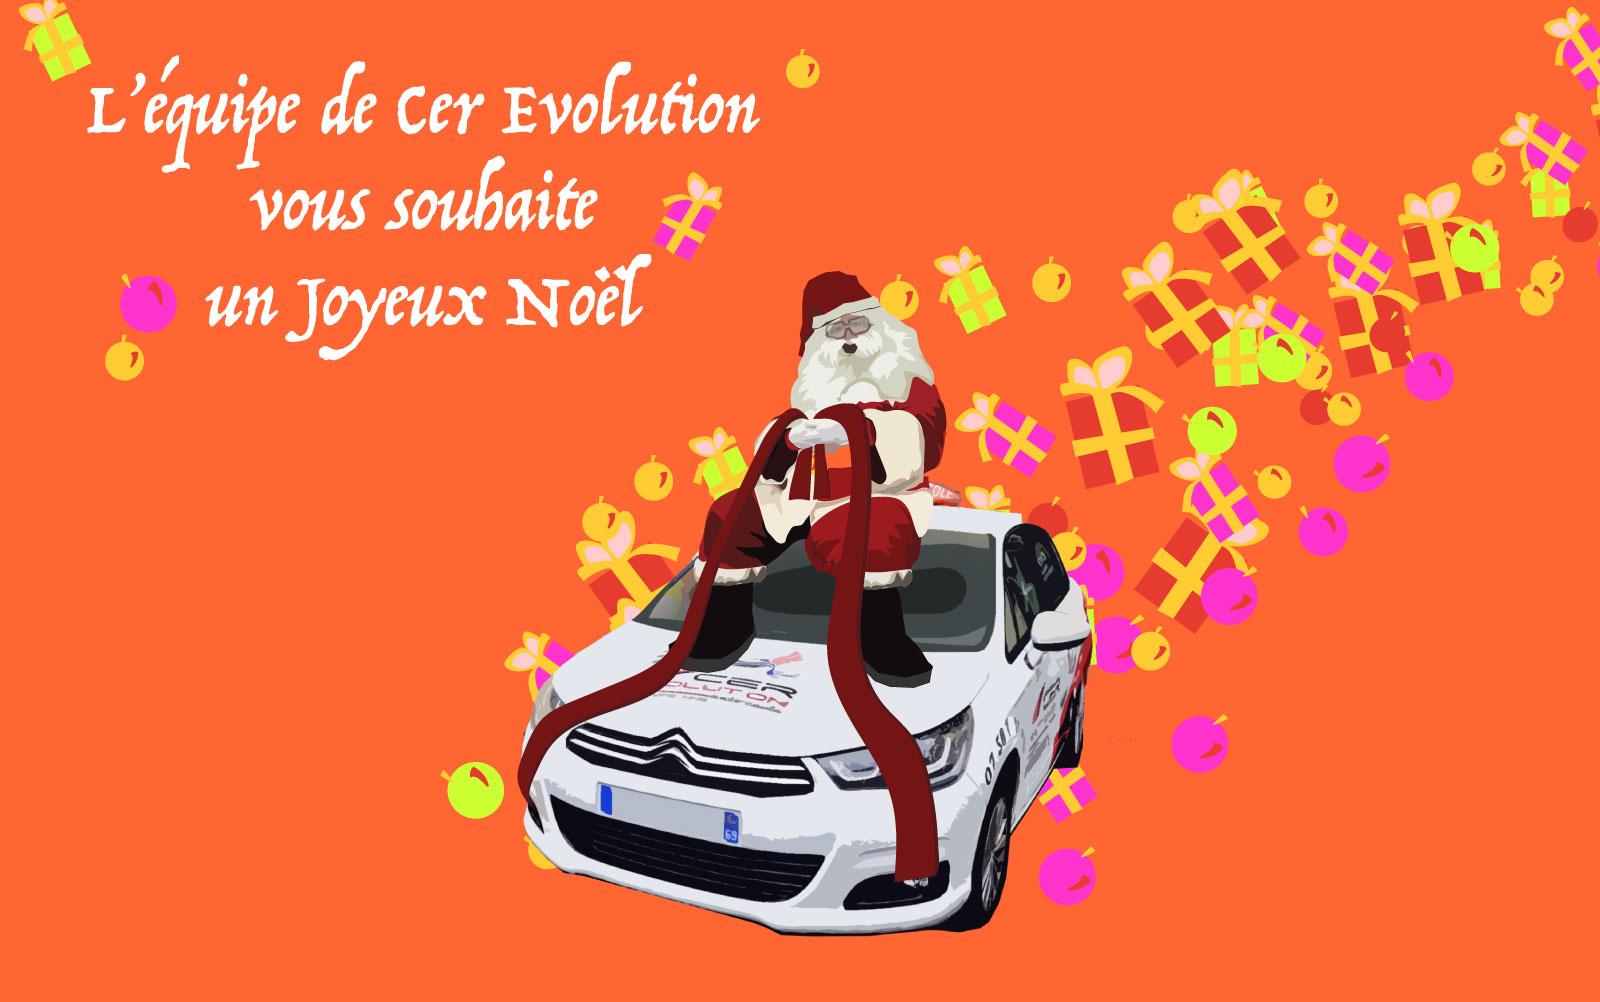 L'équipe de Cer Evolution vous souhaite un joyeux noël 2018